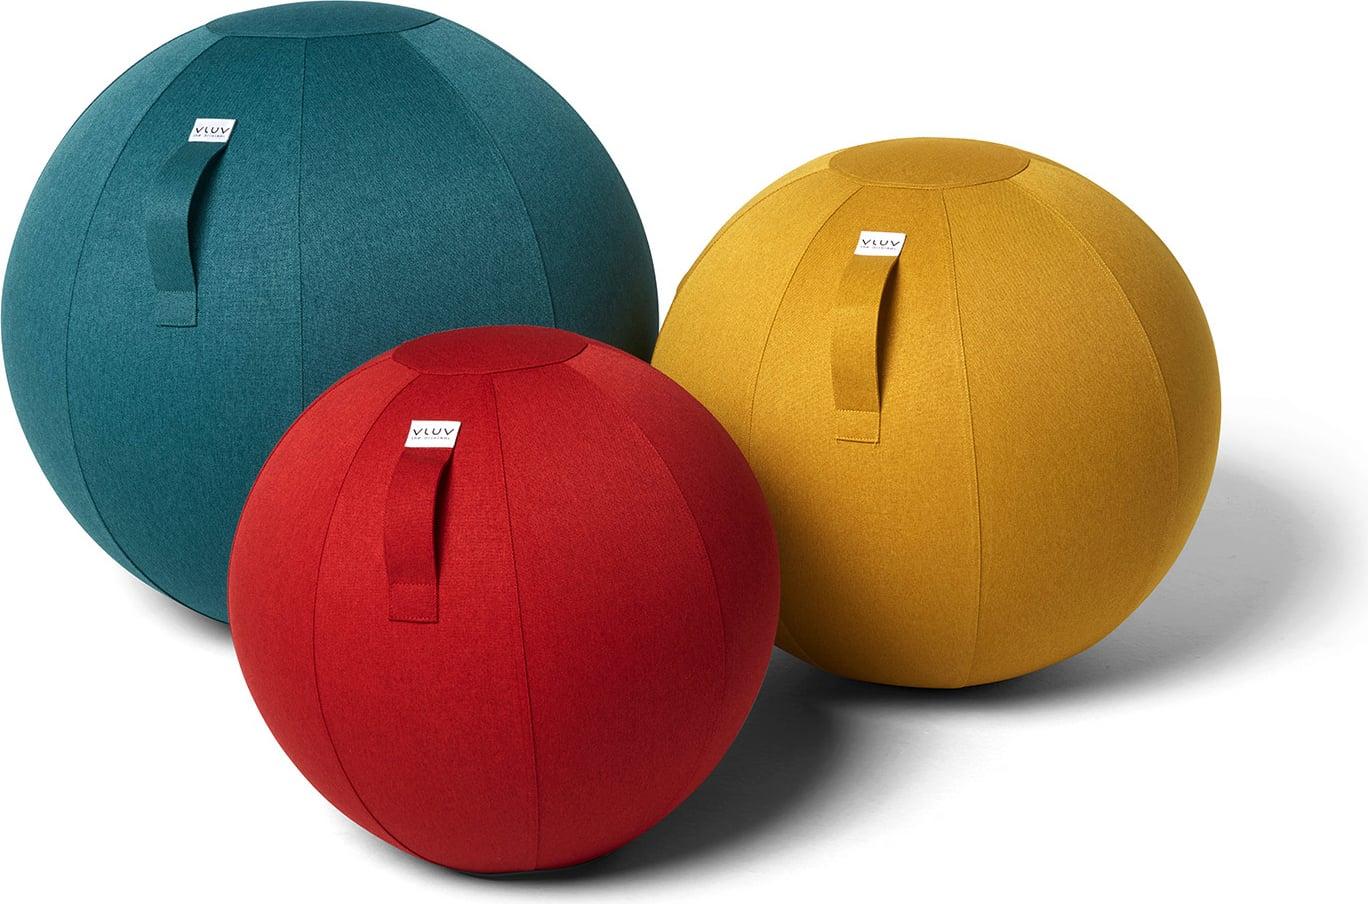 כדור ישיבה ארגונומי - VLUV LEIV Royal Blue - כחול מעמקים (כדור פיזיו איכותי)